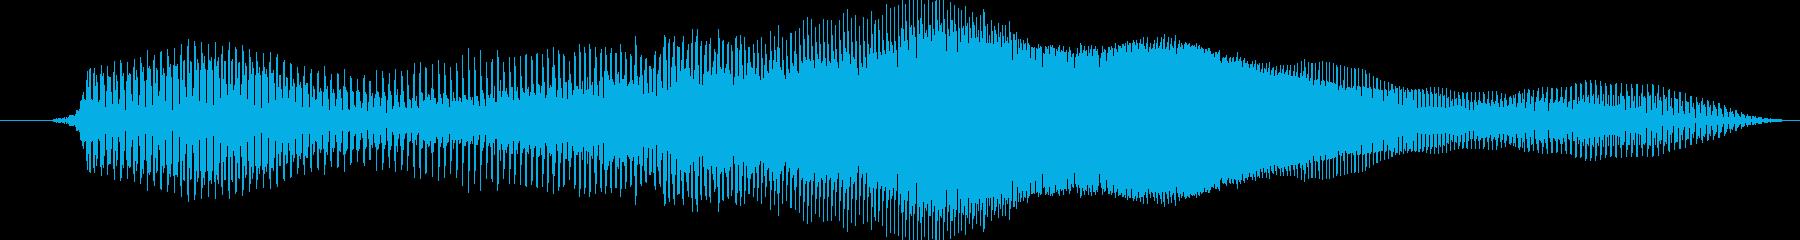 いやーん2(無加工)【セクシー、ギャグ】の再生済みの波形